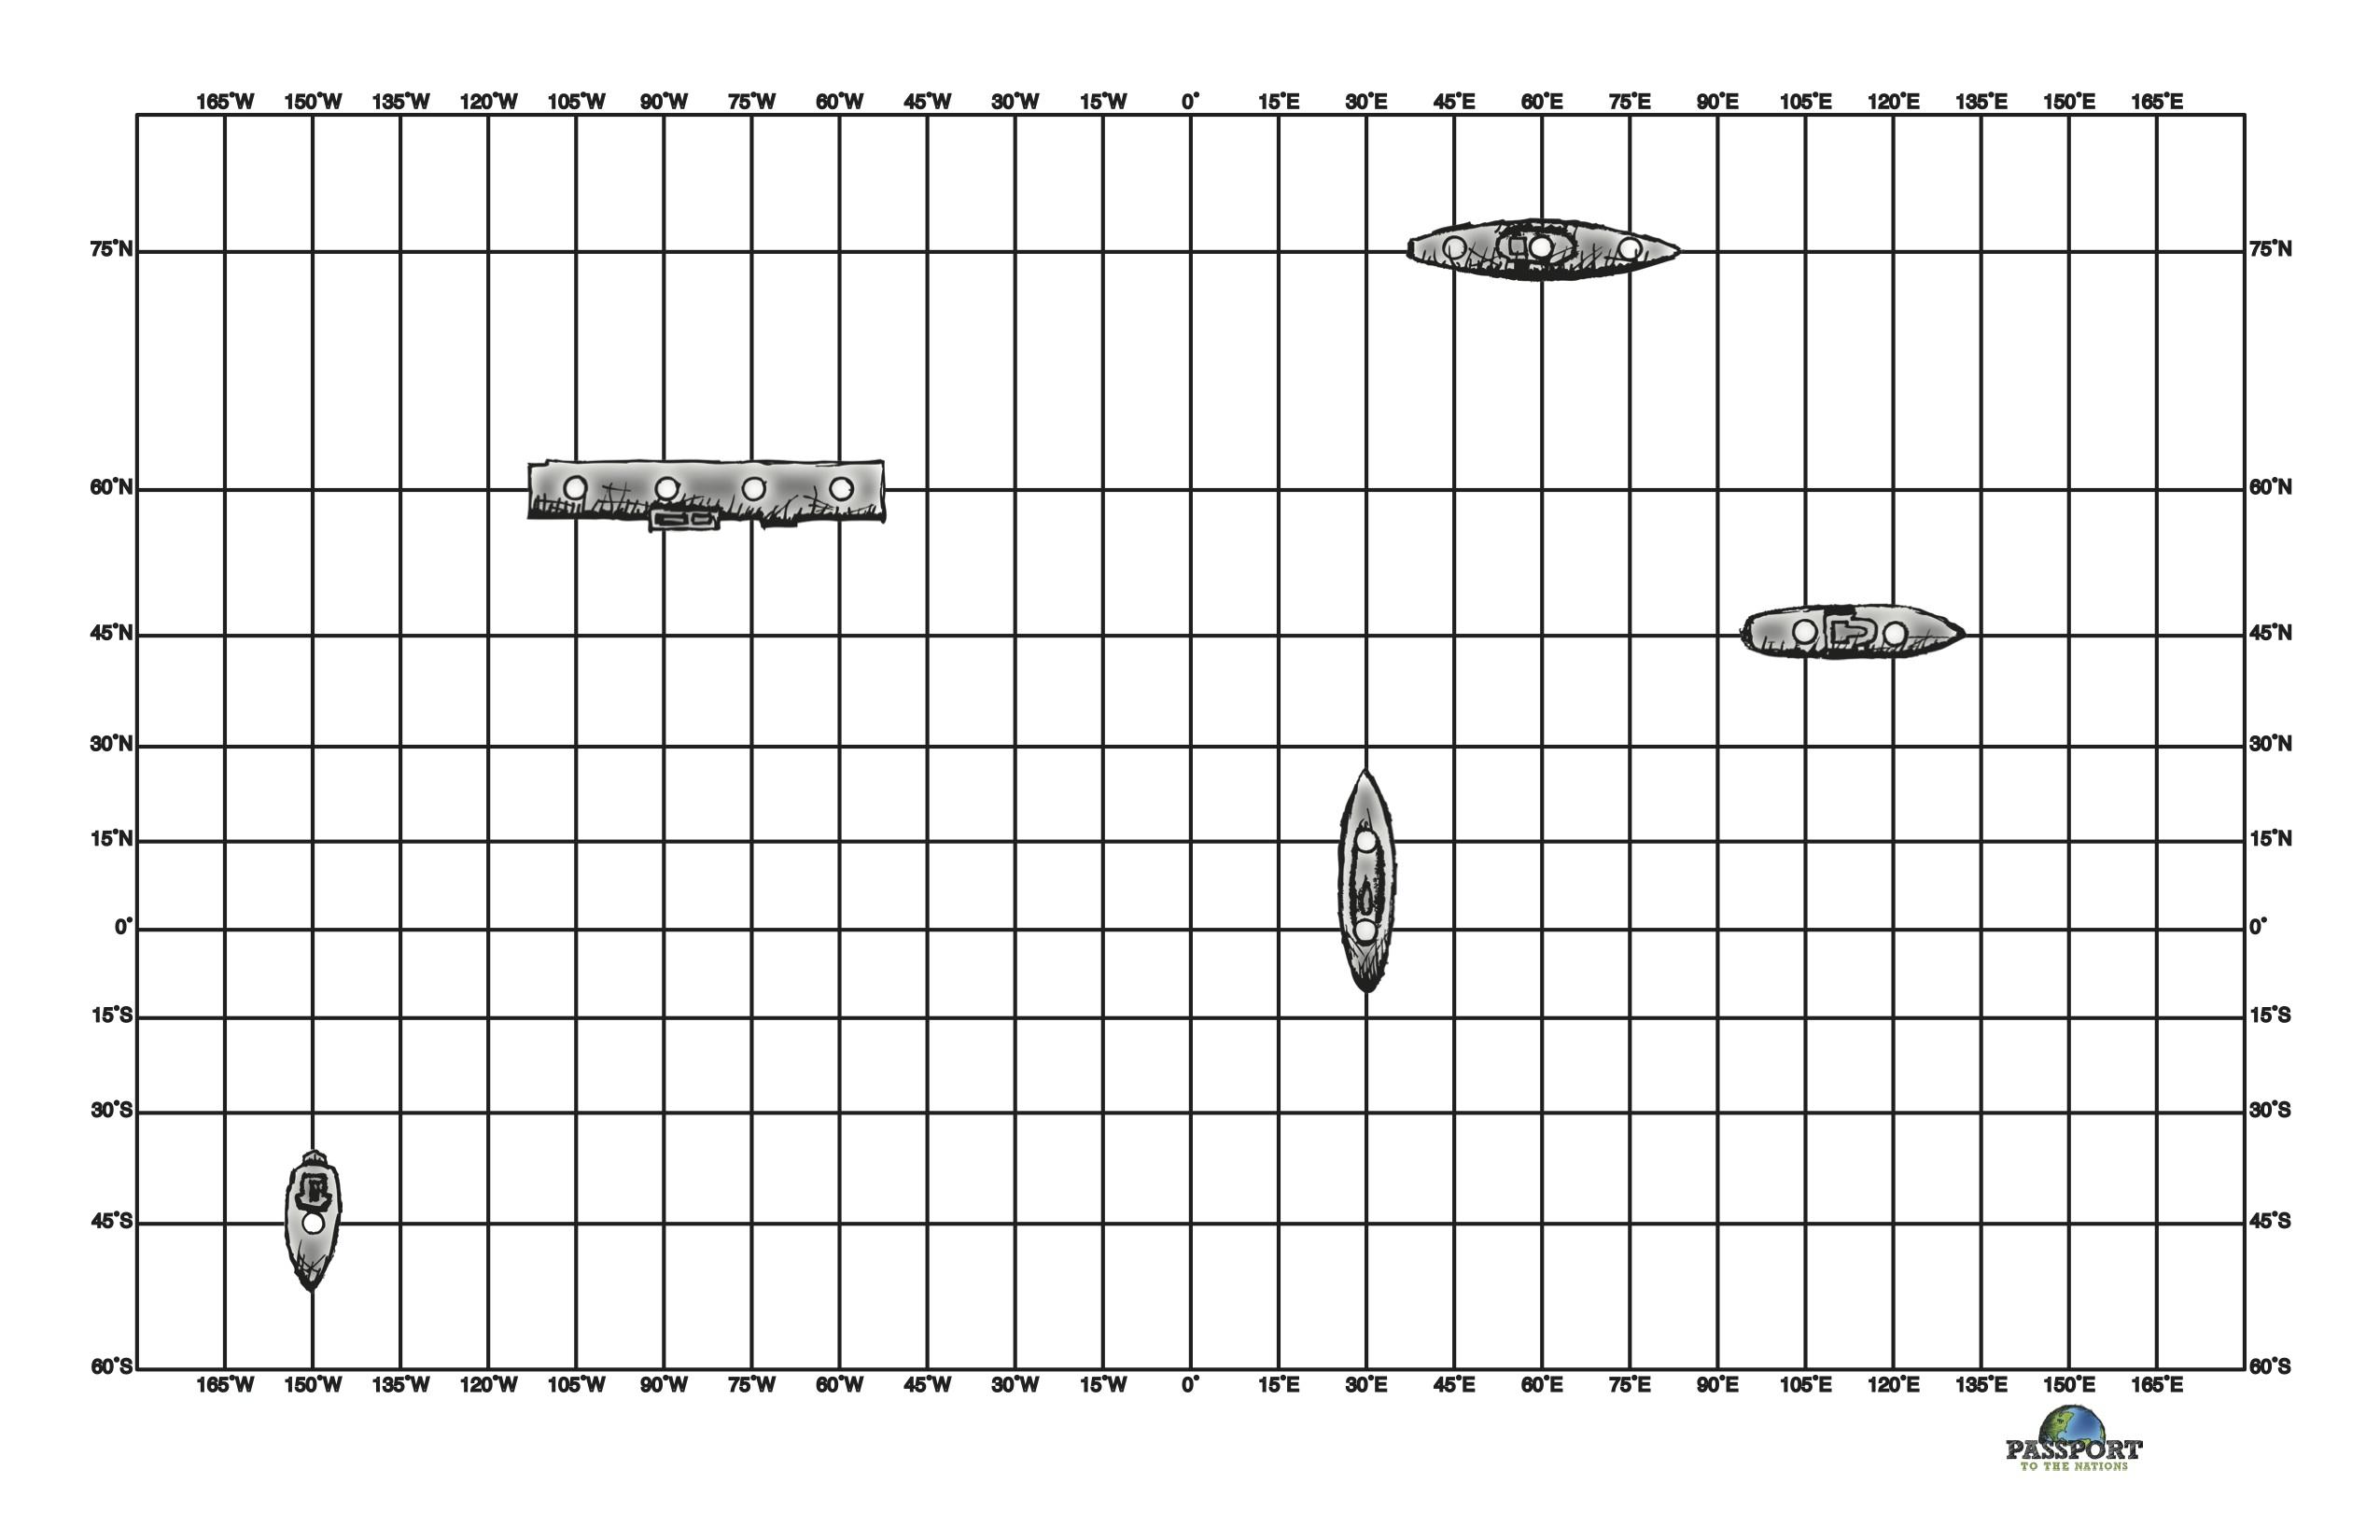 Battleship Coordinates Game